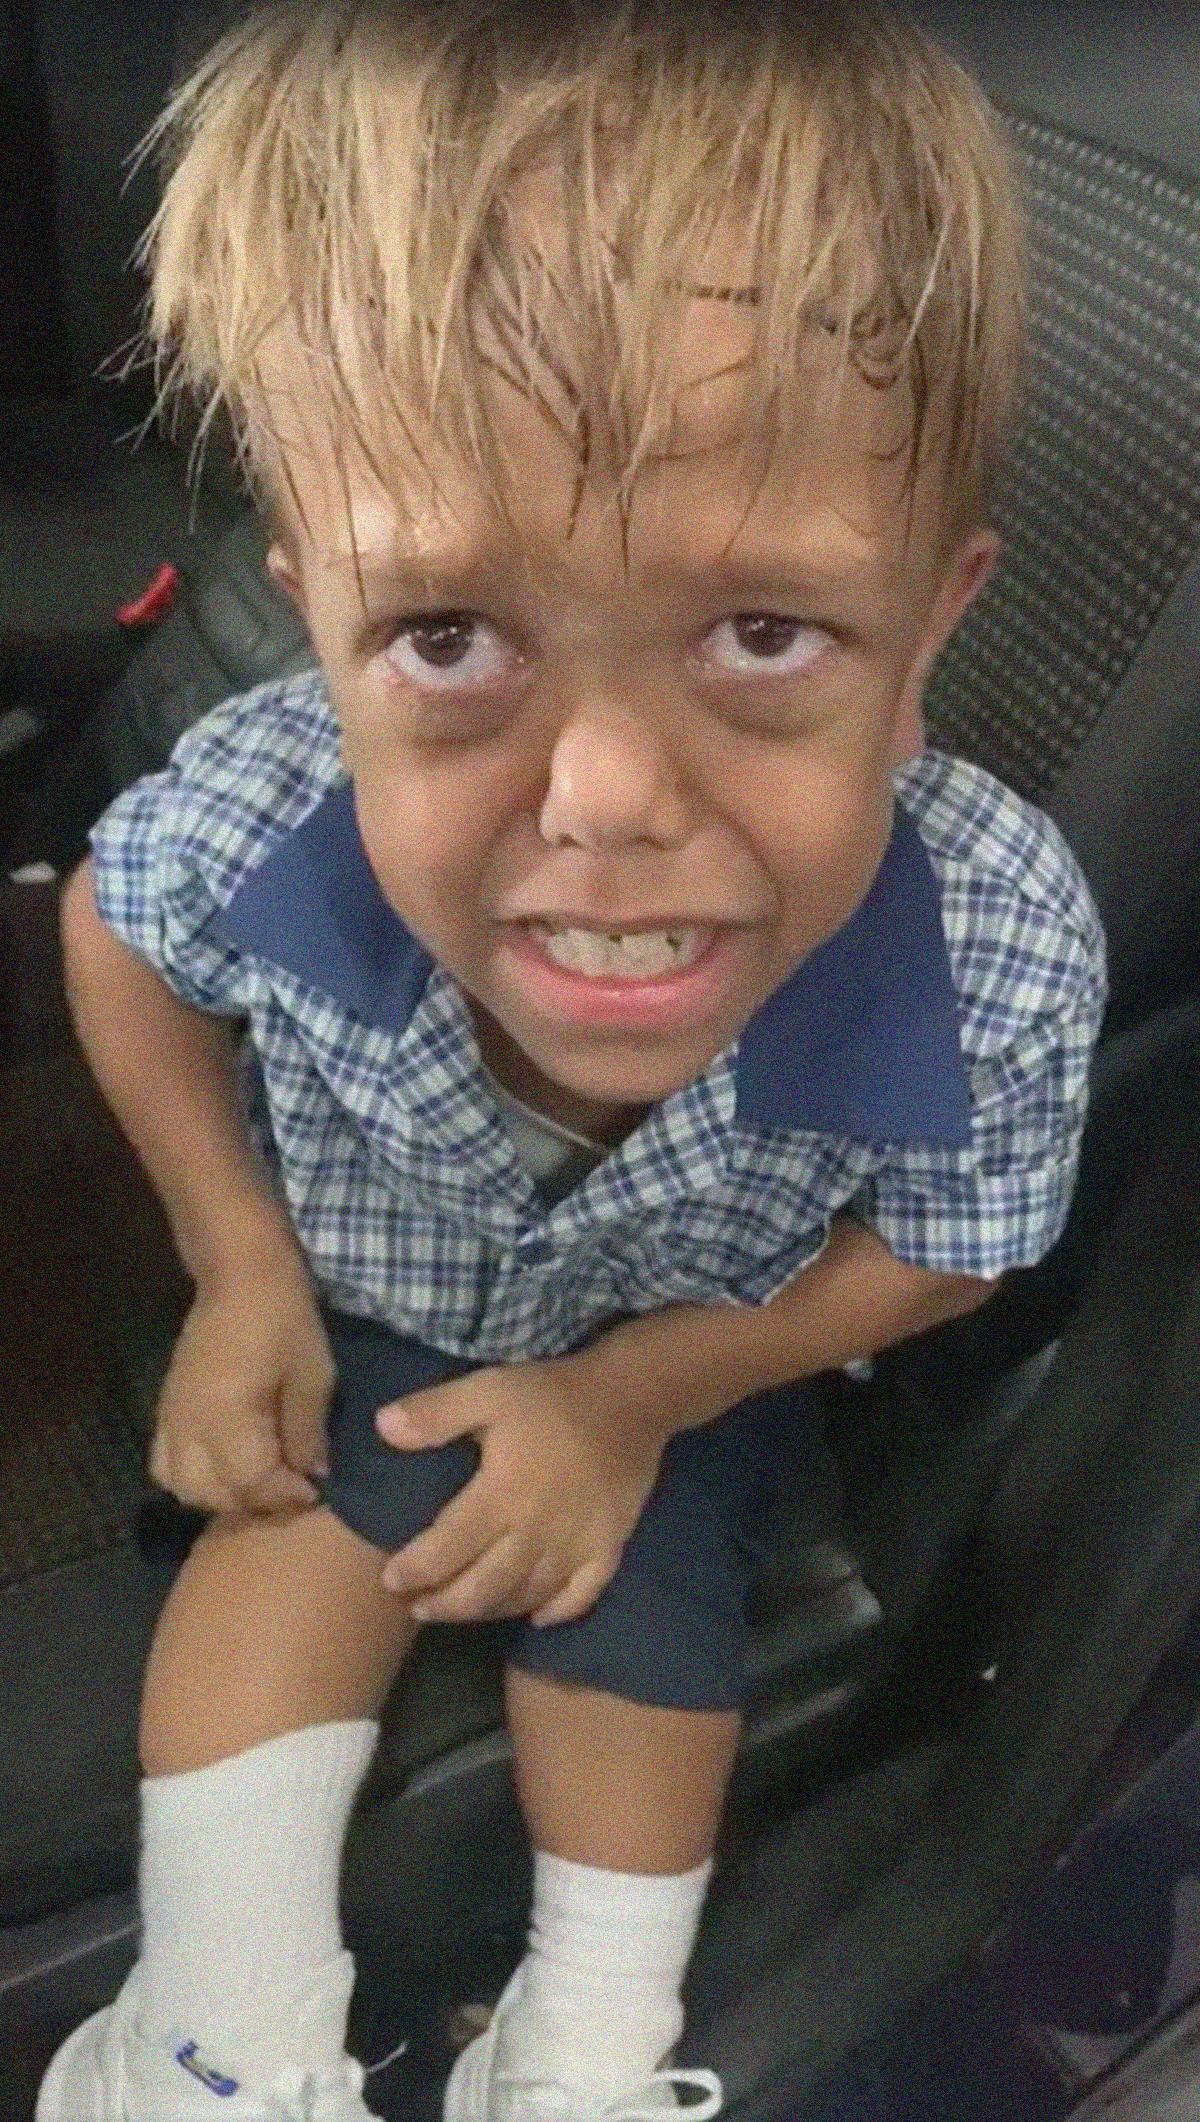 """Madre comparte el terrible instante de su hijo con enanismo al sufrir del bullying: """"Quiero que alguien me mate"""""""